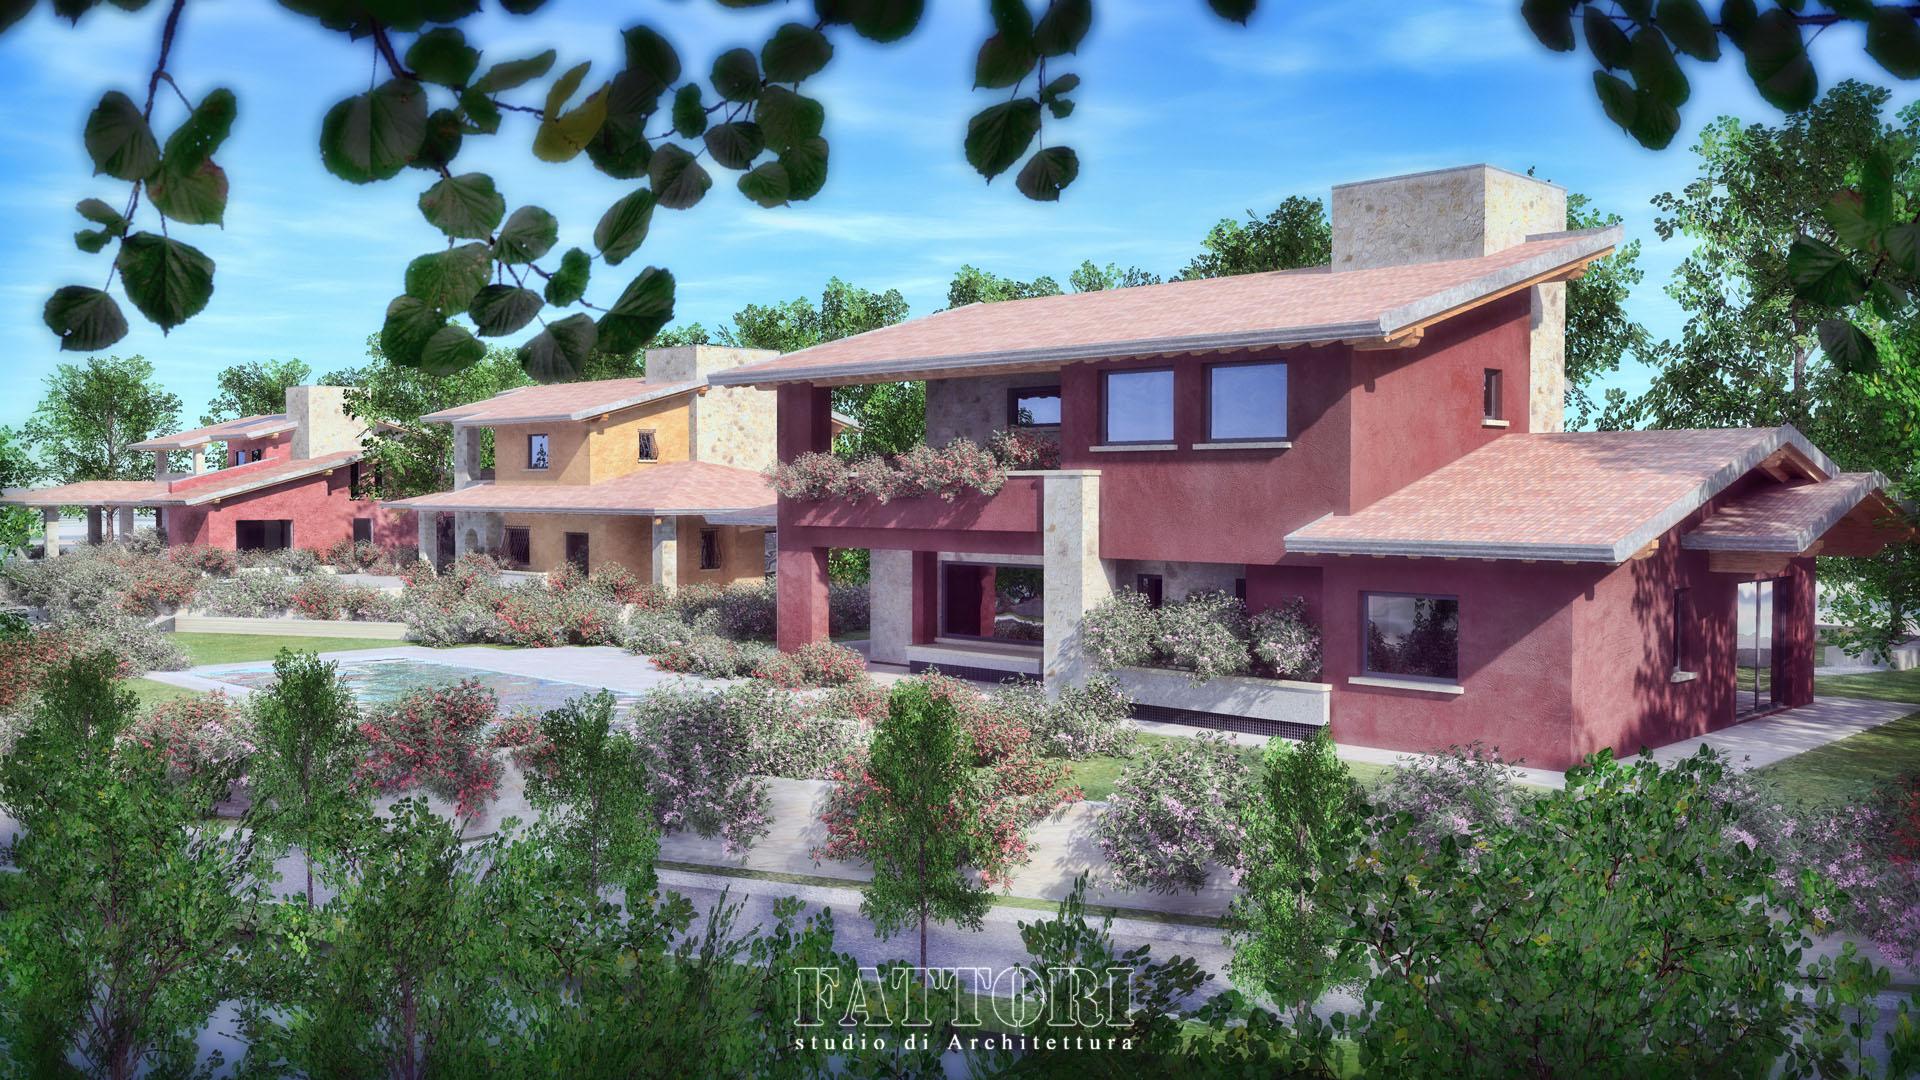 studio_di_architettura_fattori_fausto_progettazione ville case residenziali_10